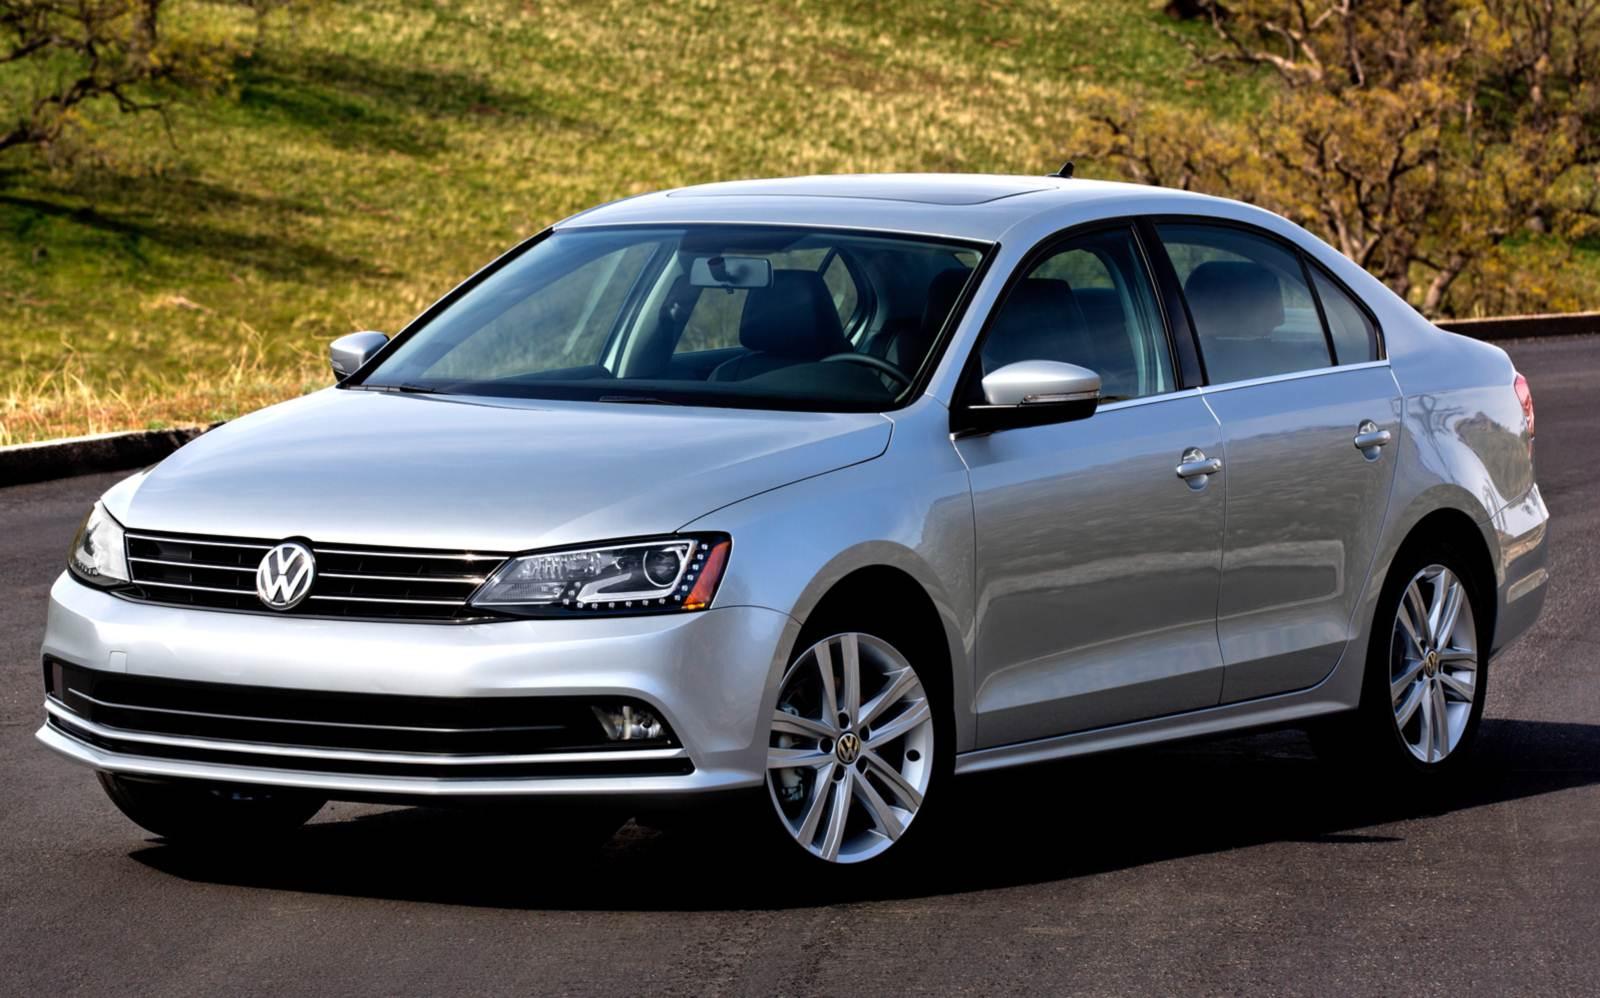 Novo Volkswagen Jetta 2015 Fotos Oficiais V Deo E Detalhes Car Blog Br